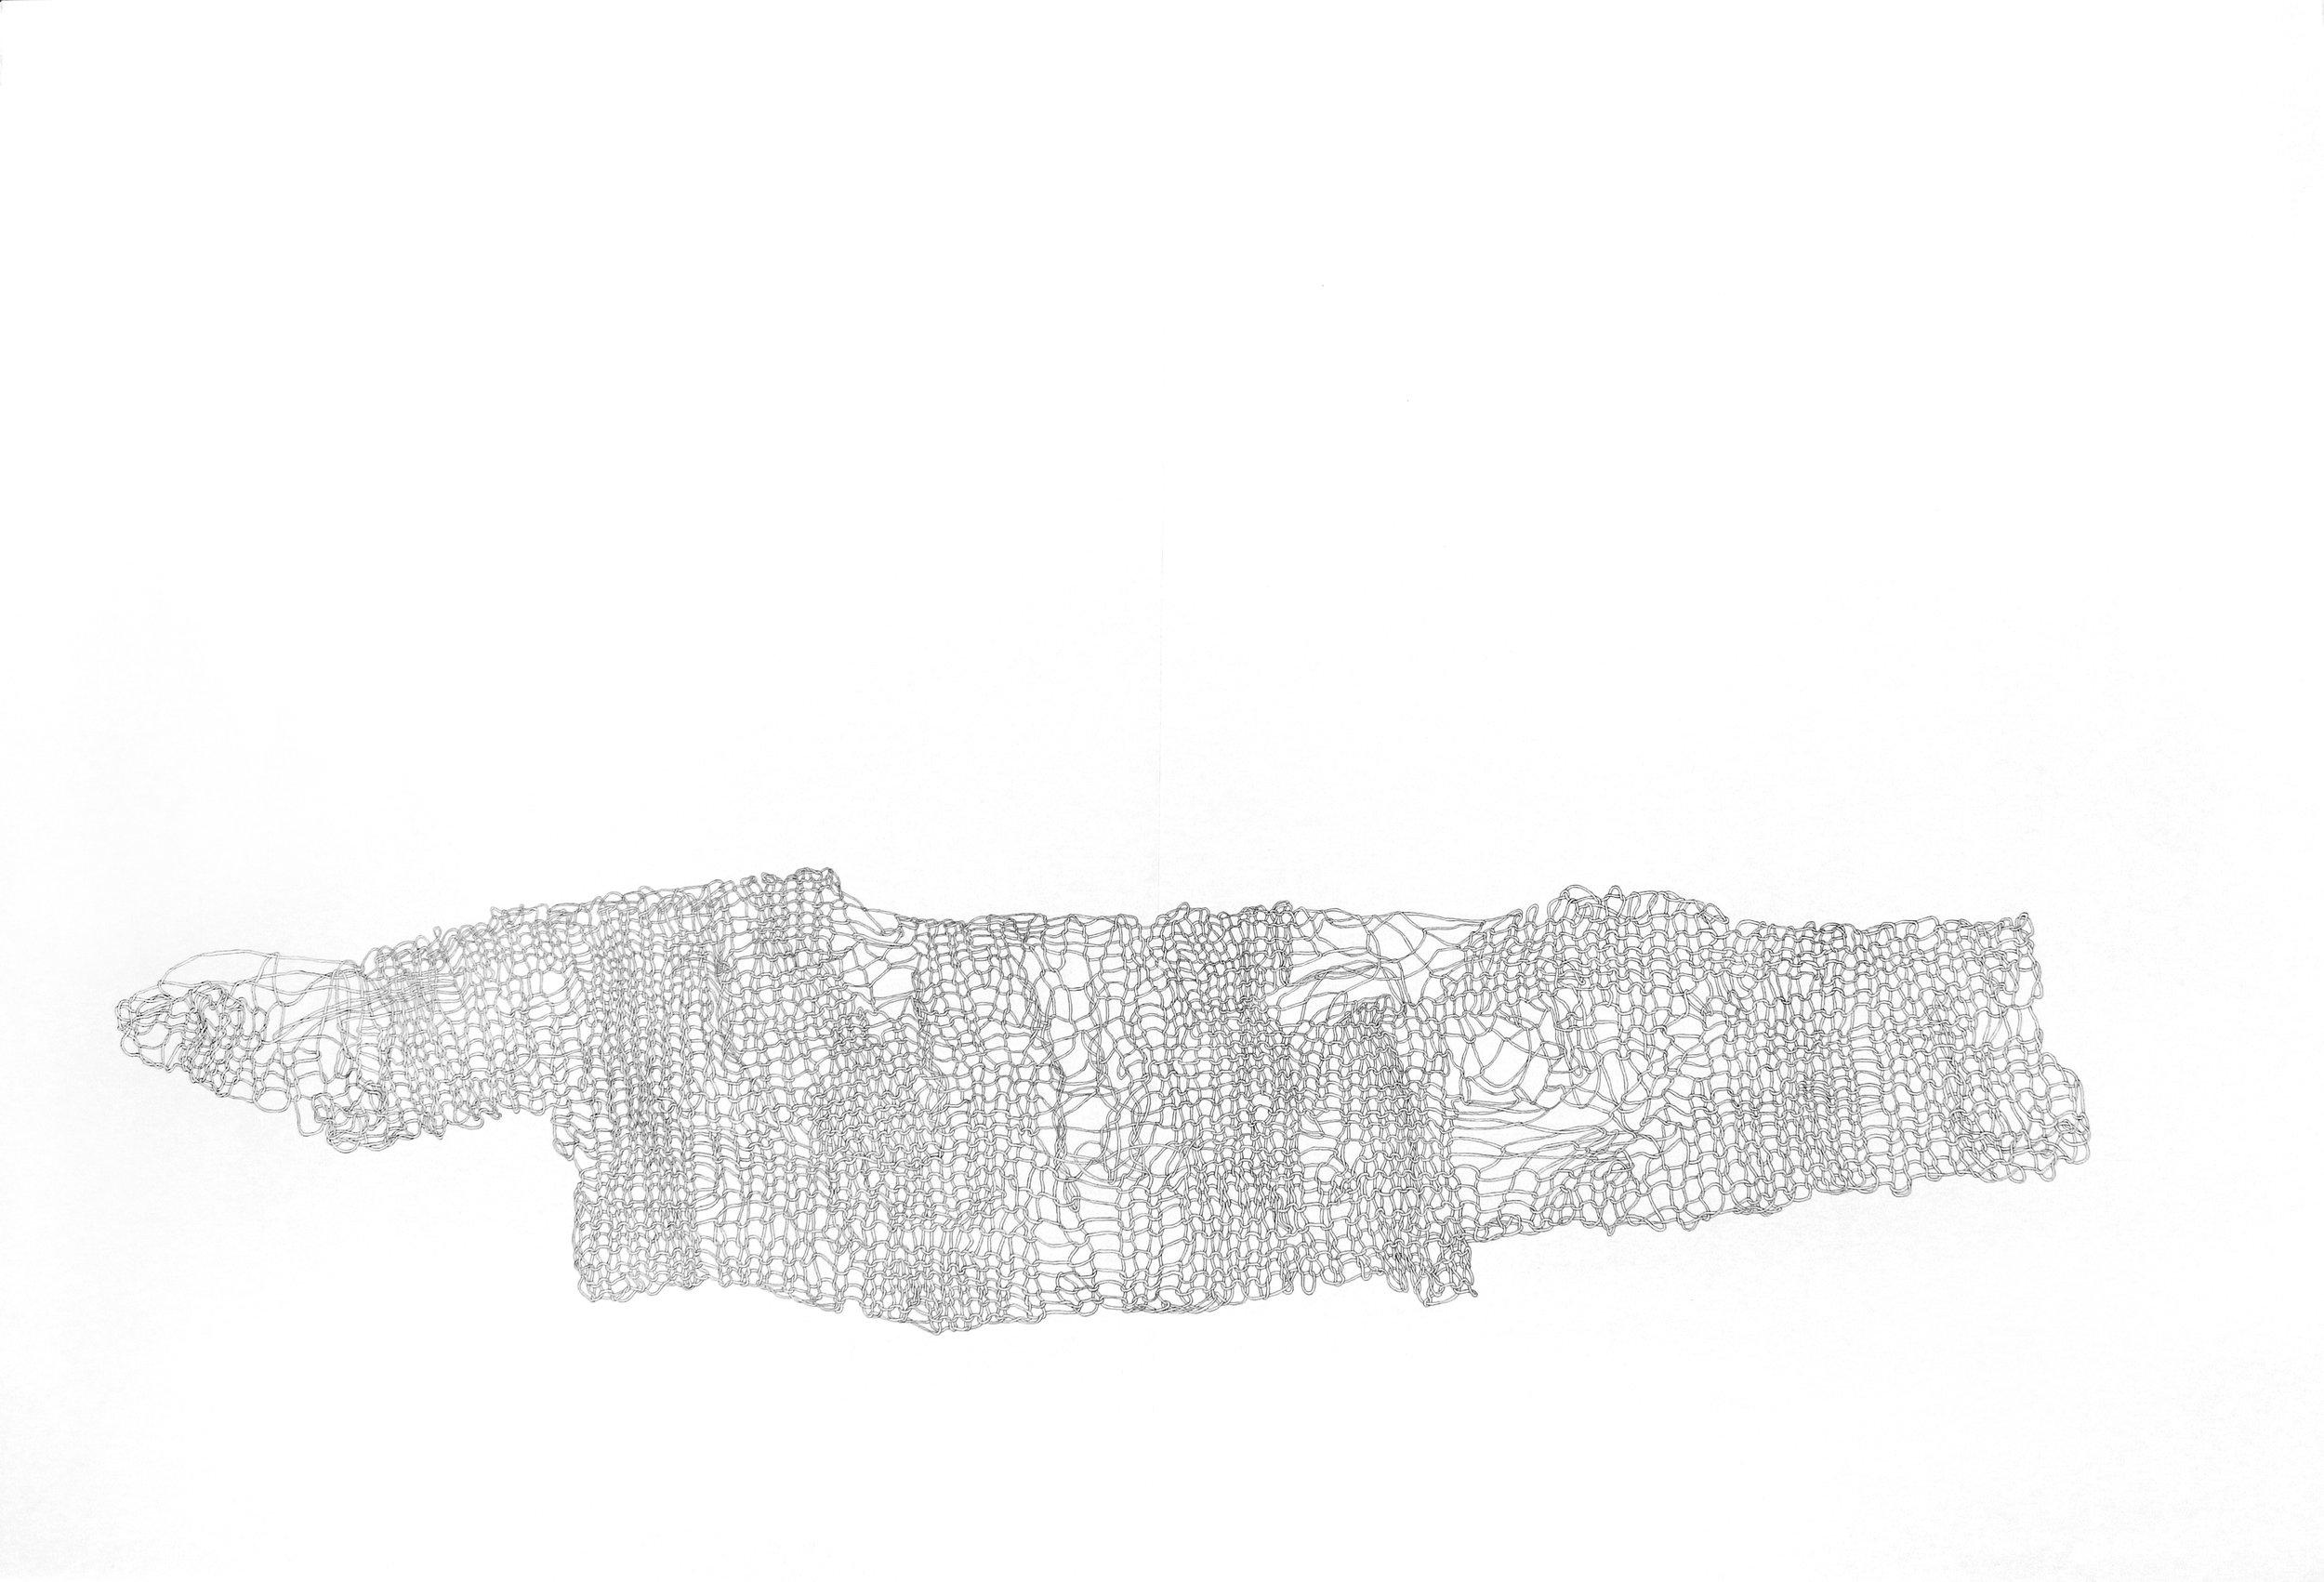 bw knit for website2.jpg